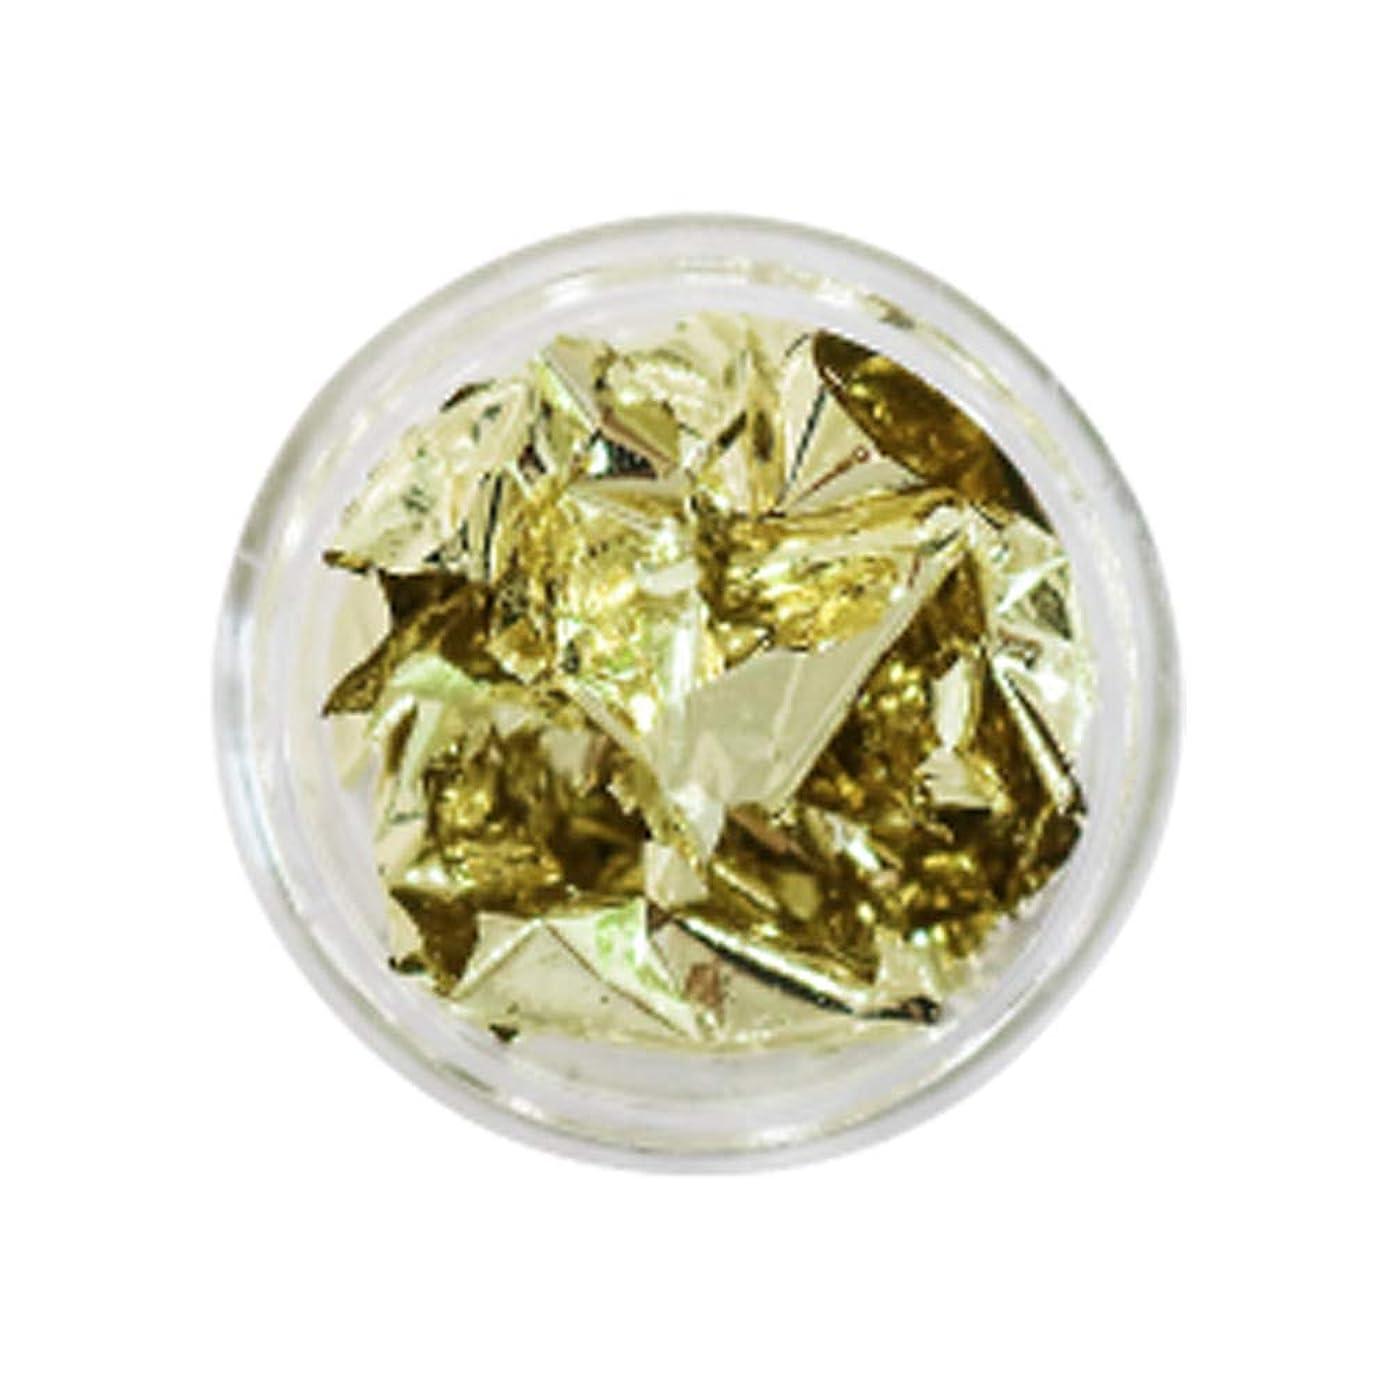 意気消沈した増強する食用Bonnail(ボンネイル) 箔セレクション ライトゴールド